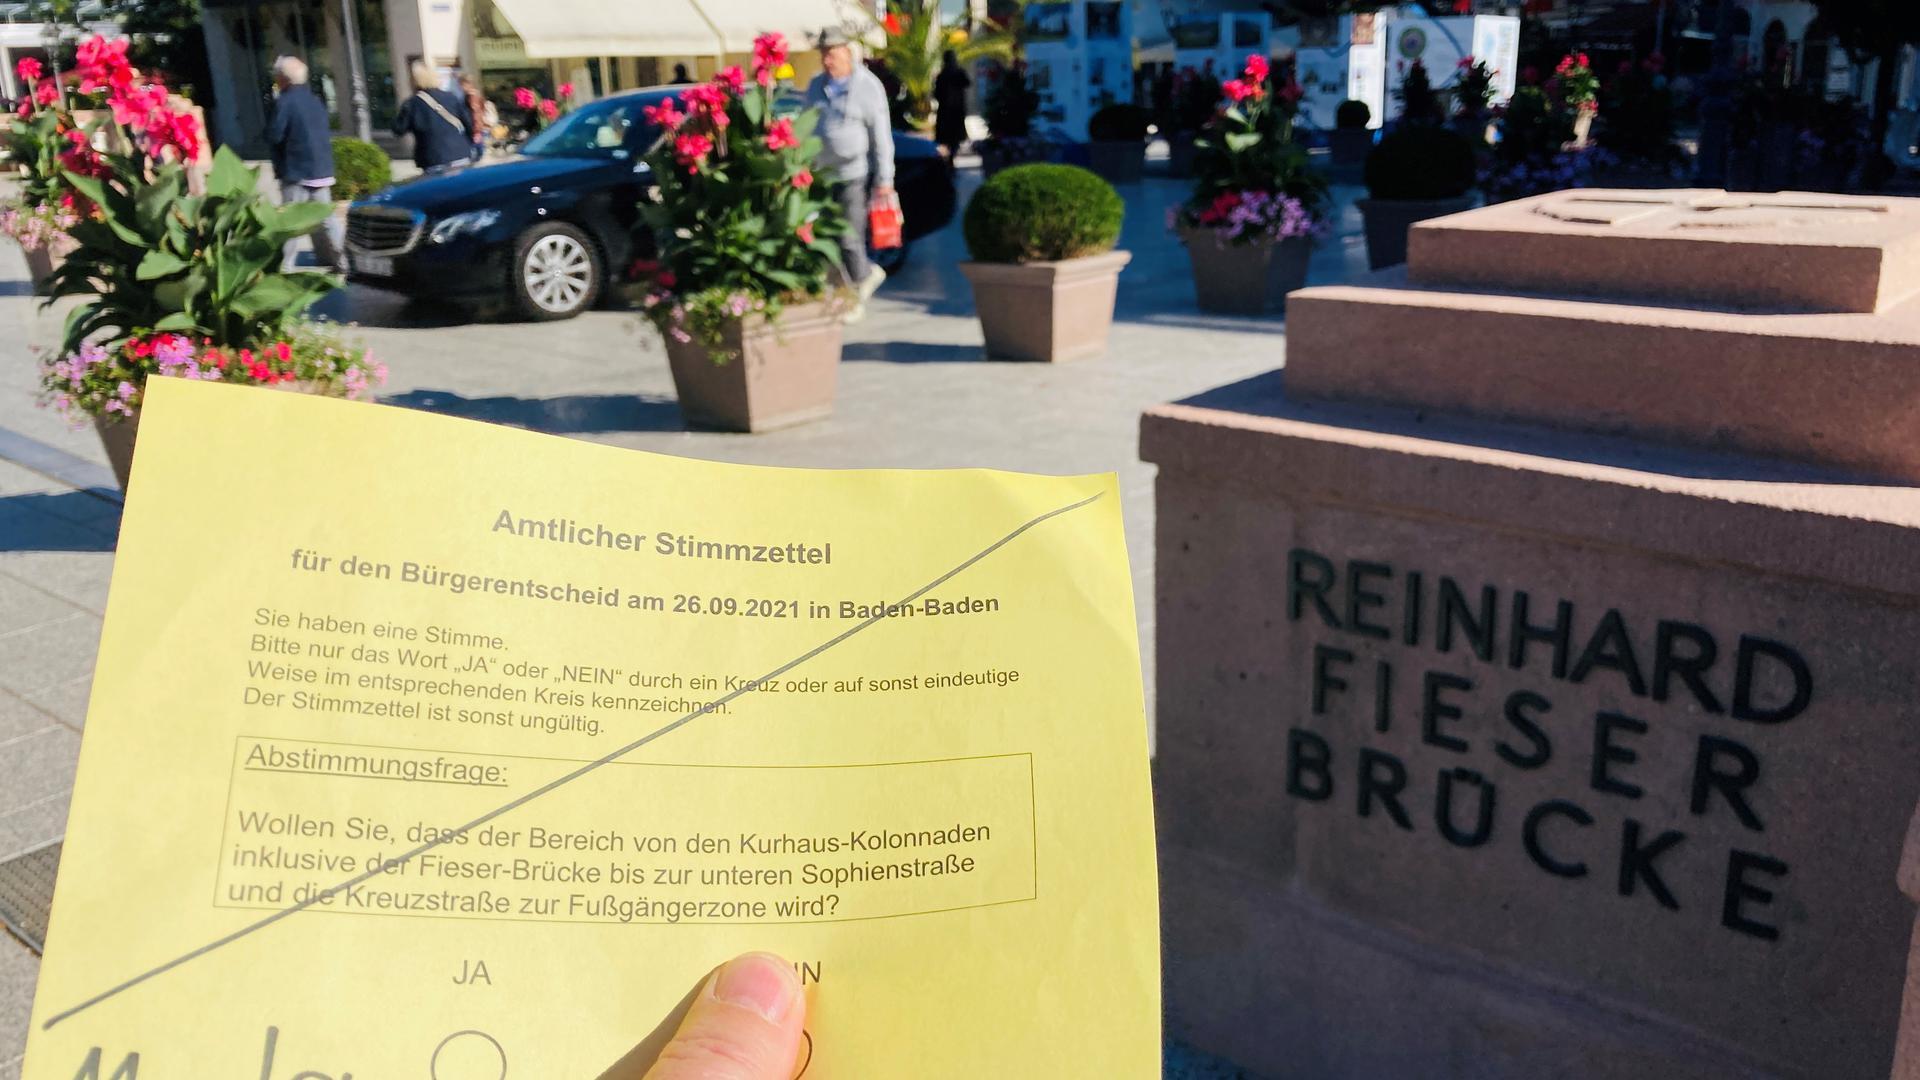 Beim Bürgerentscheid am Sonntag geht es um die Frage, ob der Bereich Fieser-Brücke und Kreuzstraße autofrei werden soll.